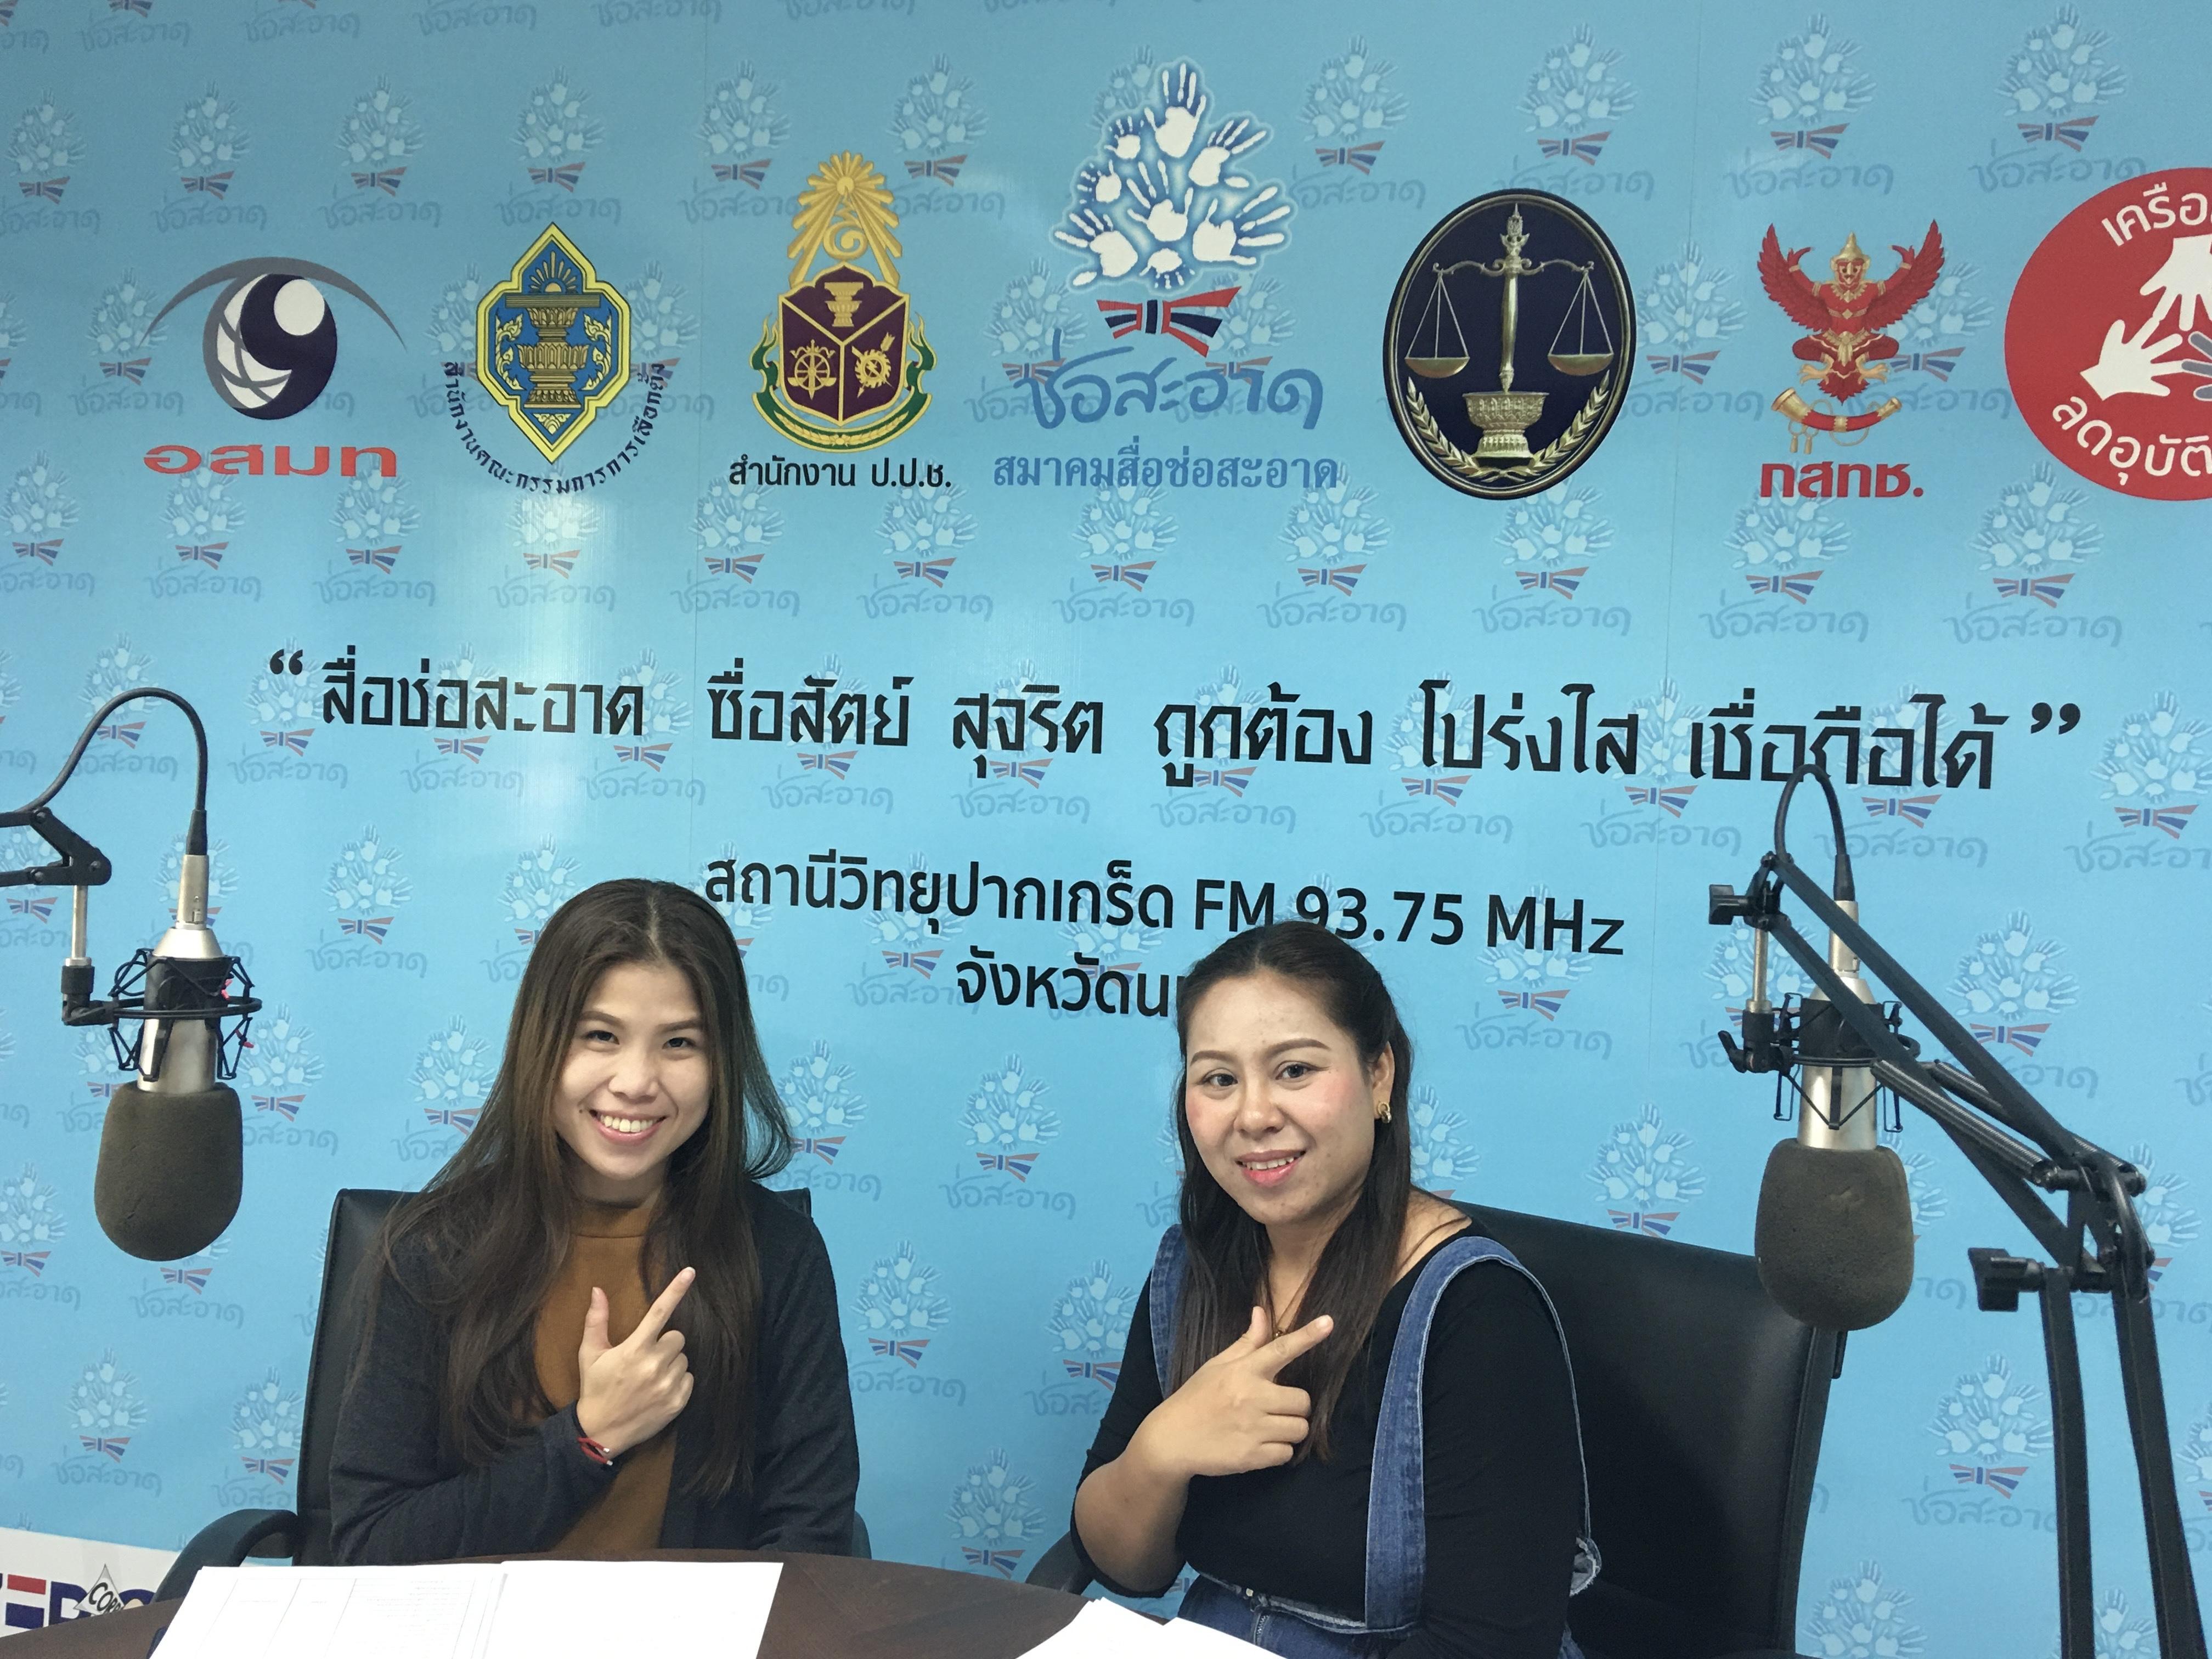 """รายการ """"คนไทยไม่ทนต่อการทุจริต"""" วันเสาร์ที่ 23 มกราคม 2564 เวลา 18.30-19.00 น."""